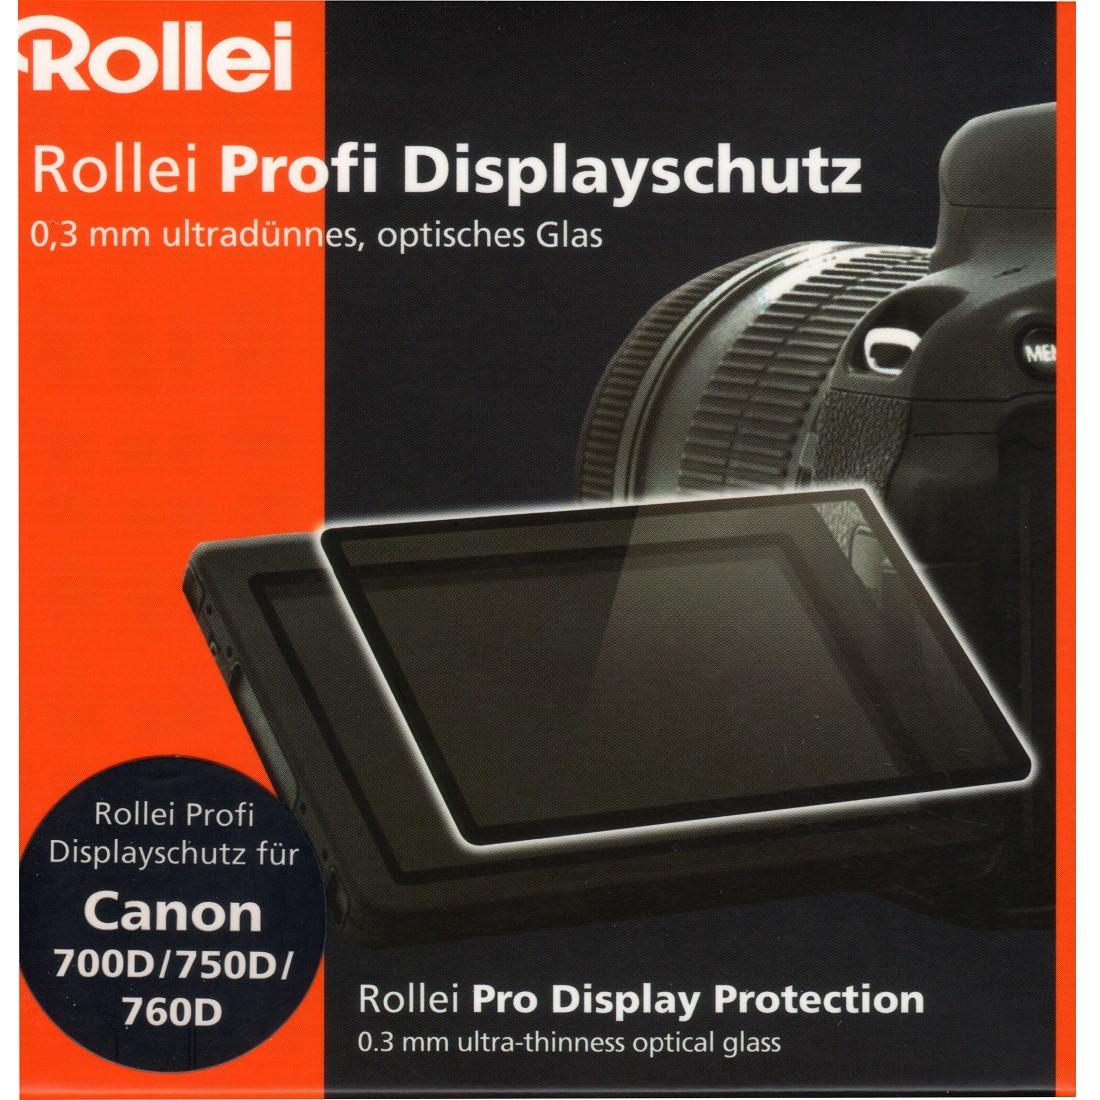 Rollei Displayschutz für Canon 700D, 750D, 760D